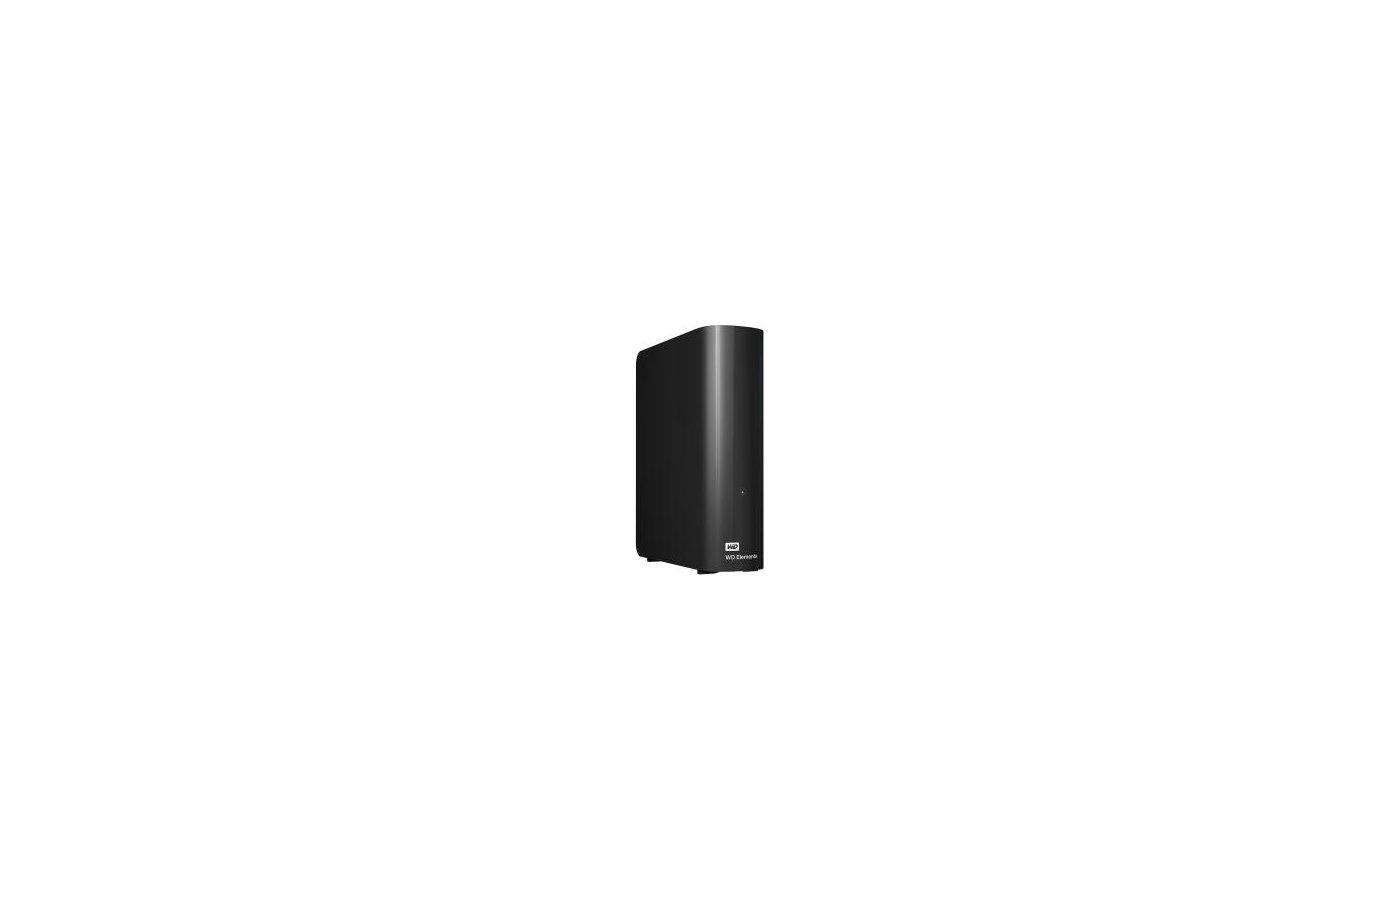 Внешний жесткий диск Western Digital WDBWLG0030HBK-EESN 3TB WD ELEMENTS DESKTOP (C3C)